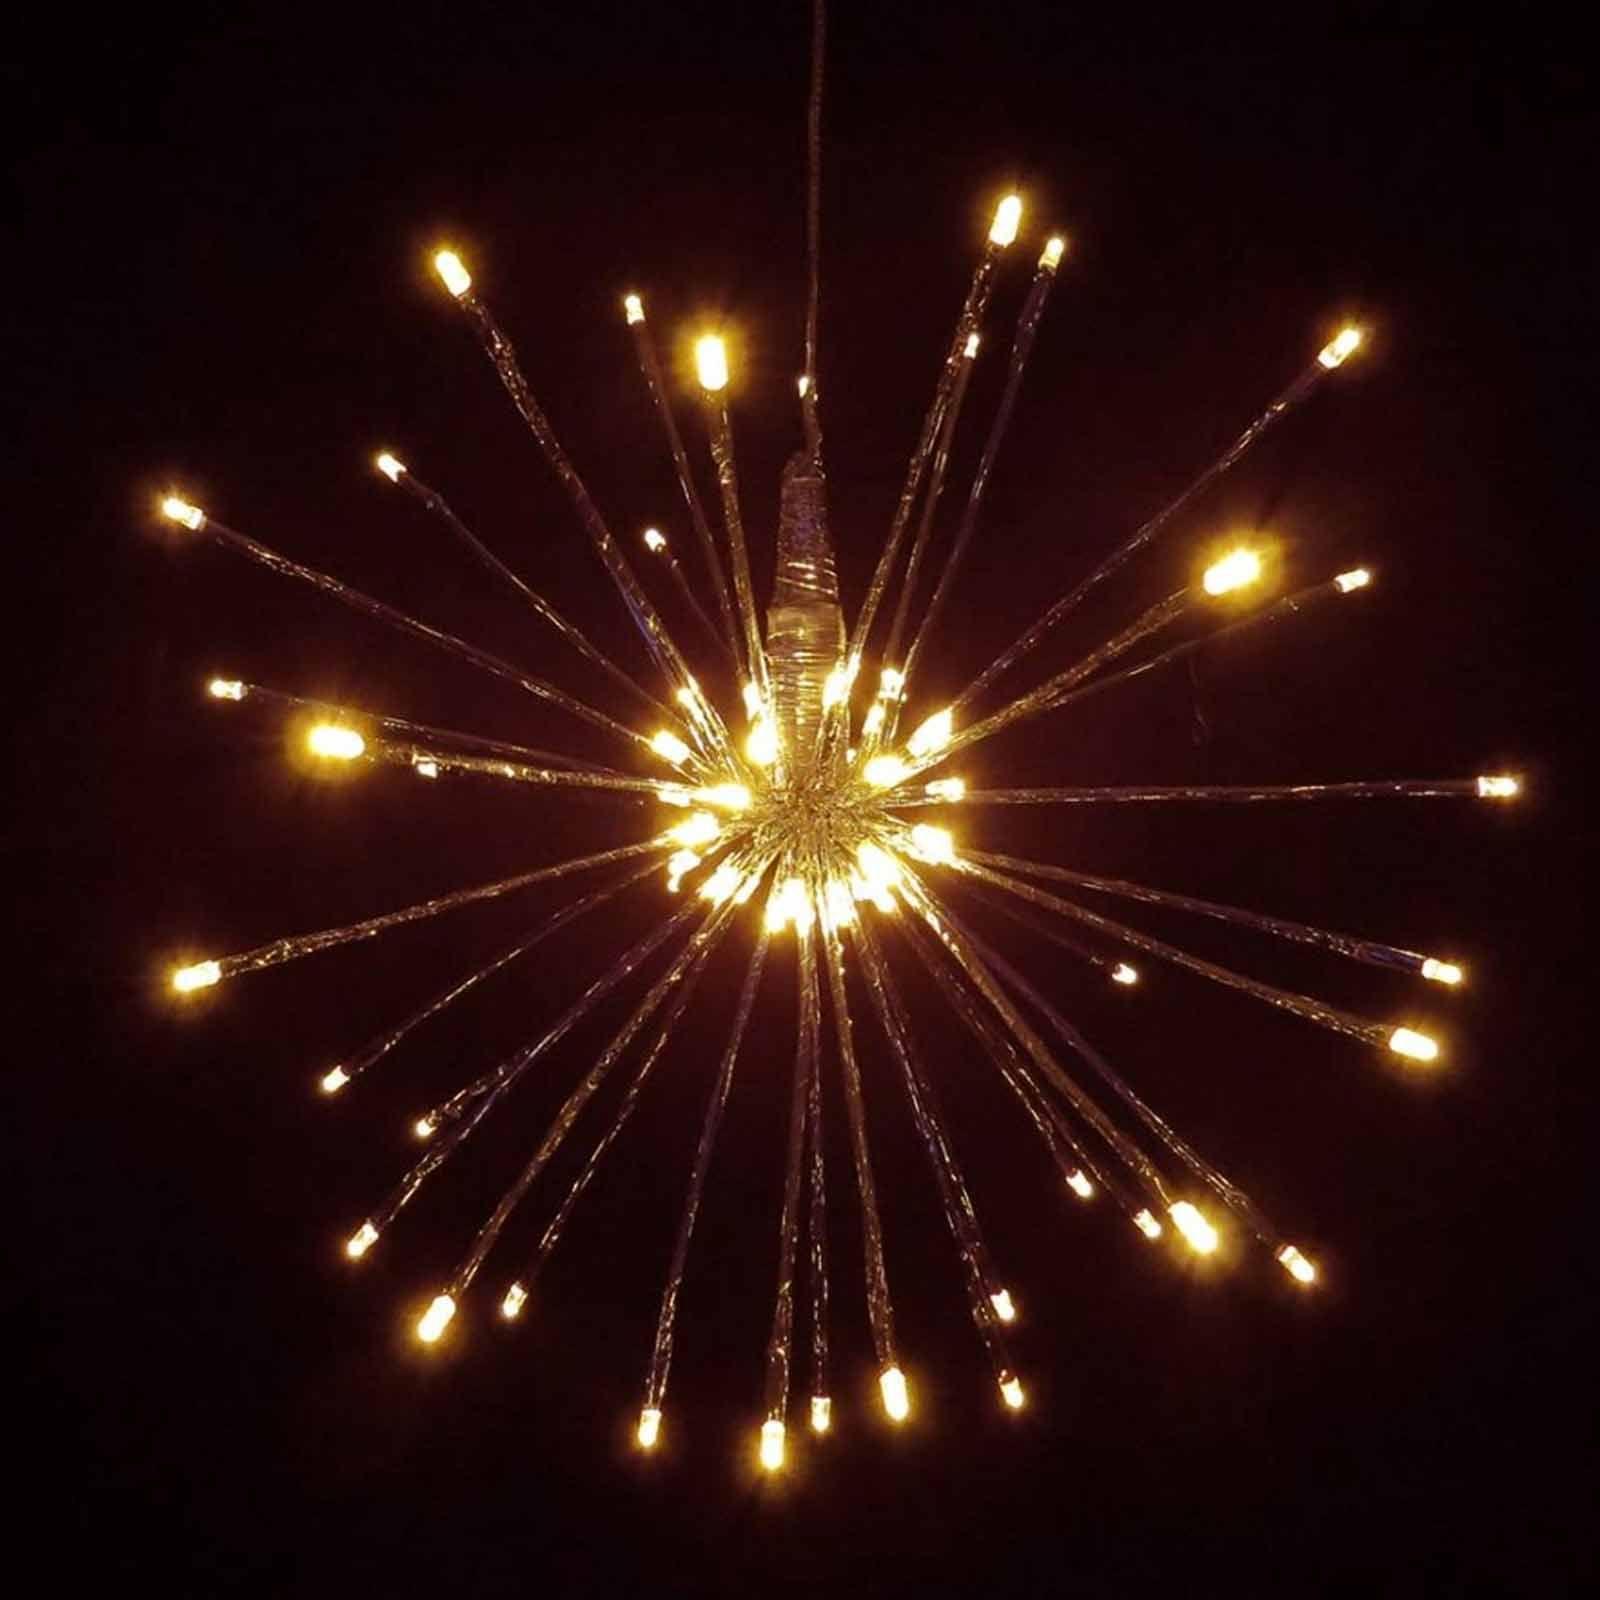 Weihnachtsstern in meteor ausf hrung mit strahlenf rmig - Fensterbeleuchtung weihnachten ...